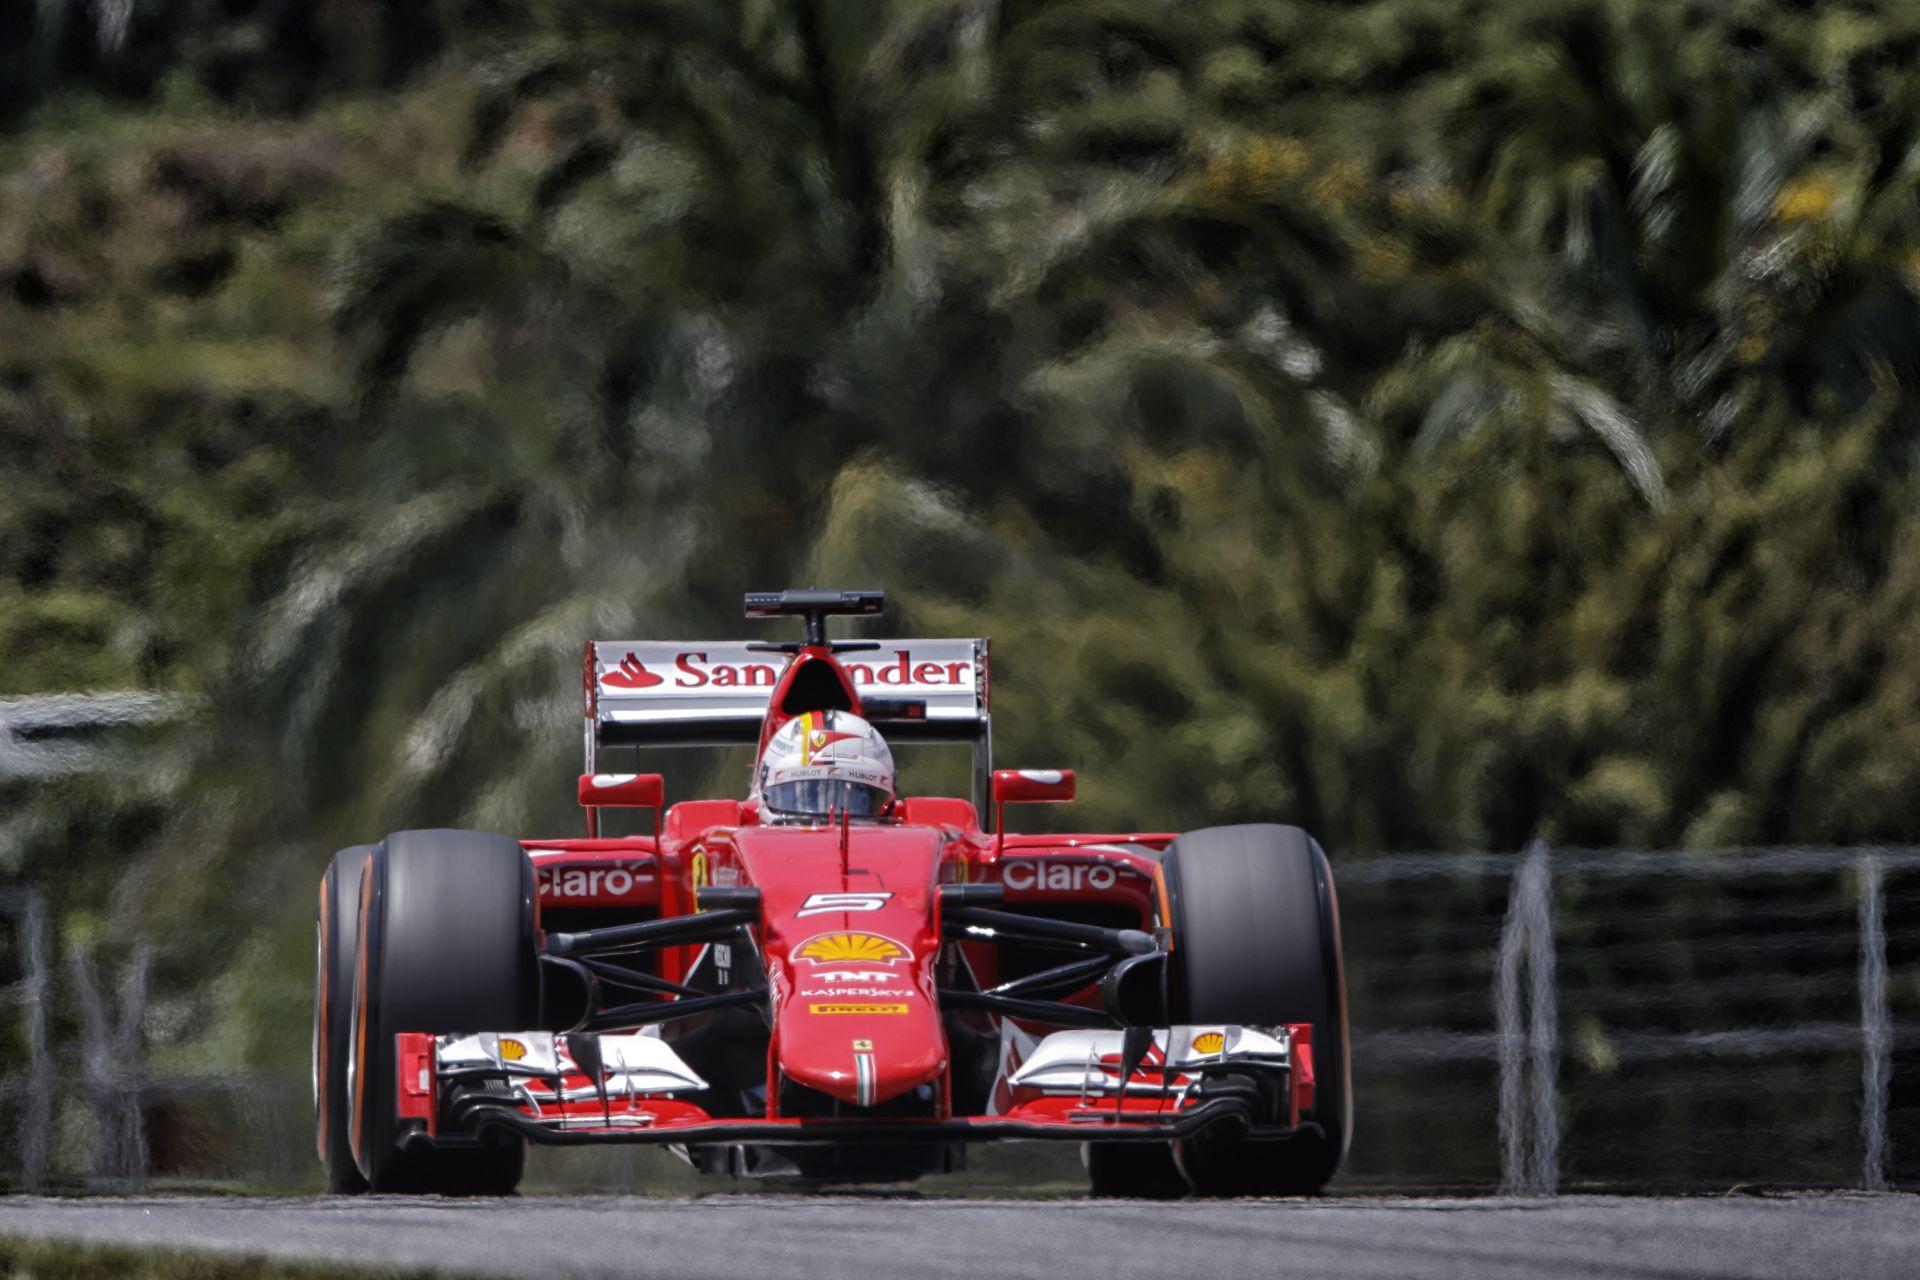 Így hajtott Vettel a Q3-ban a Ferrarival: SF15-T